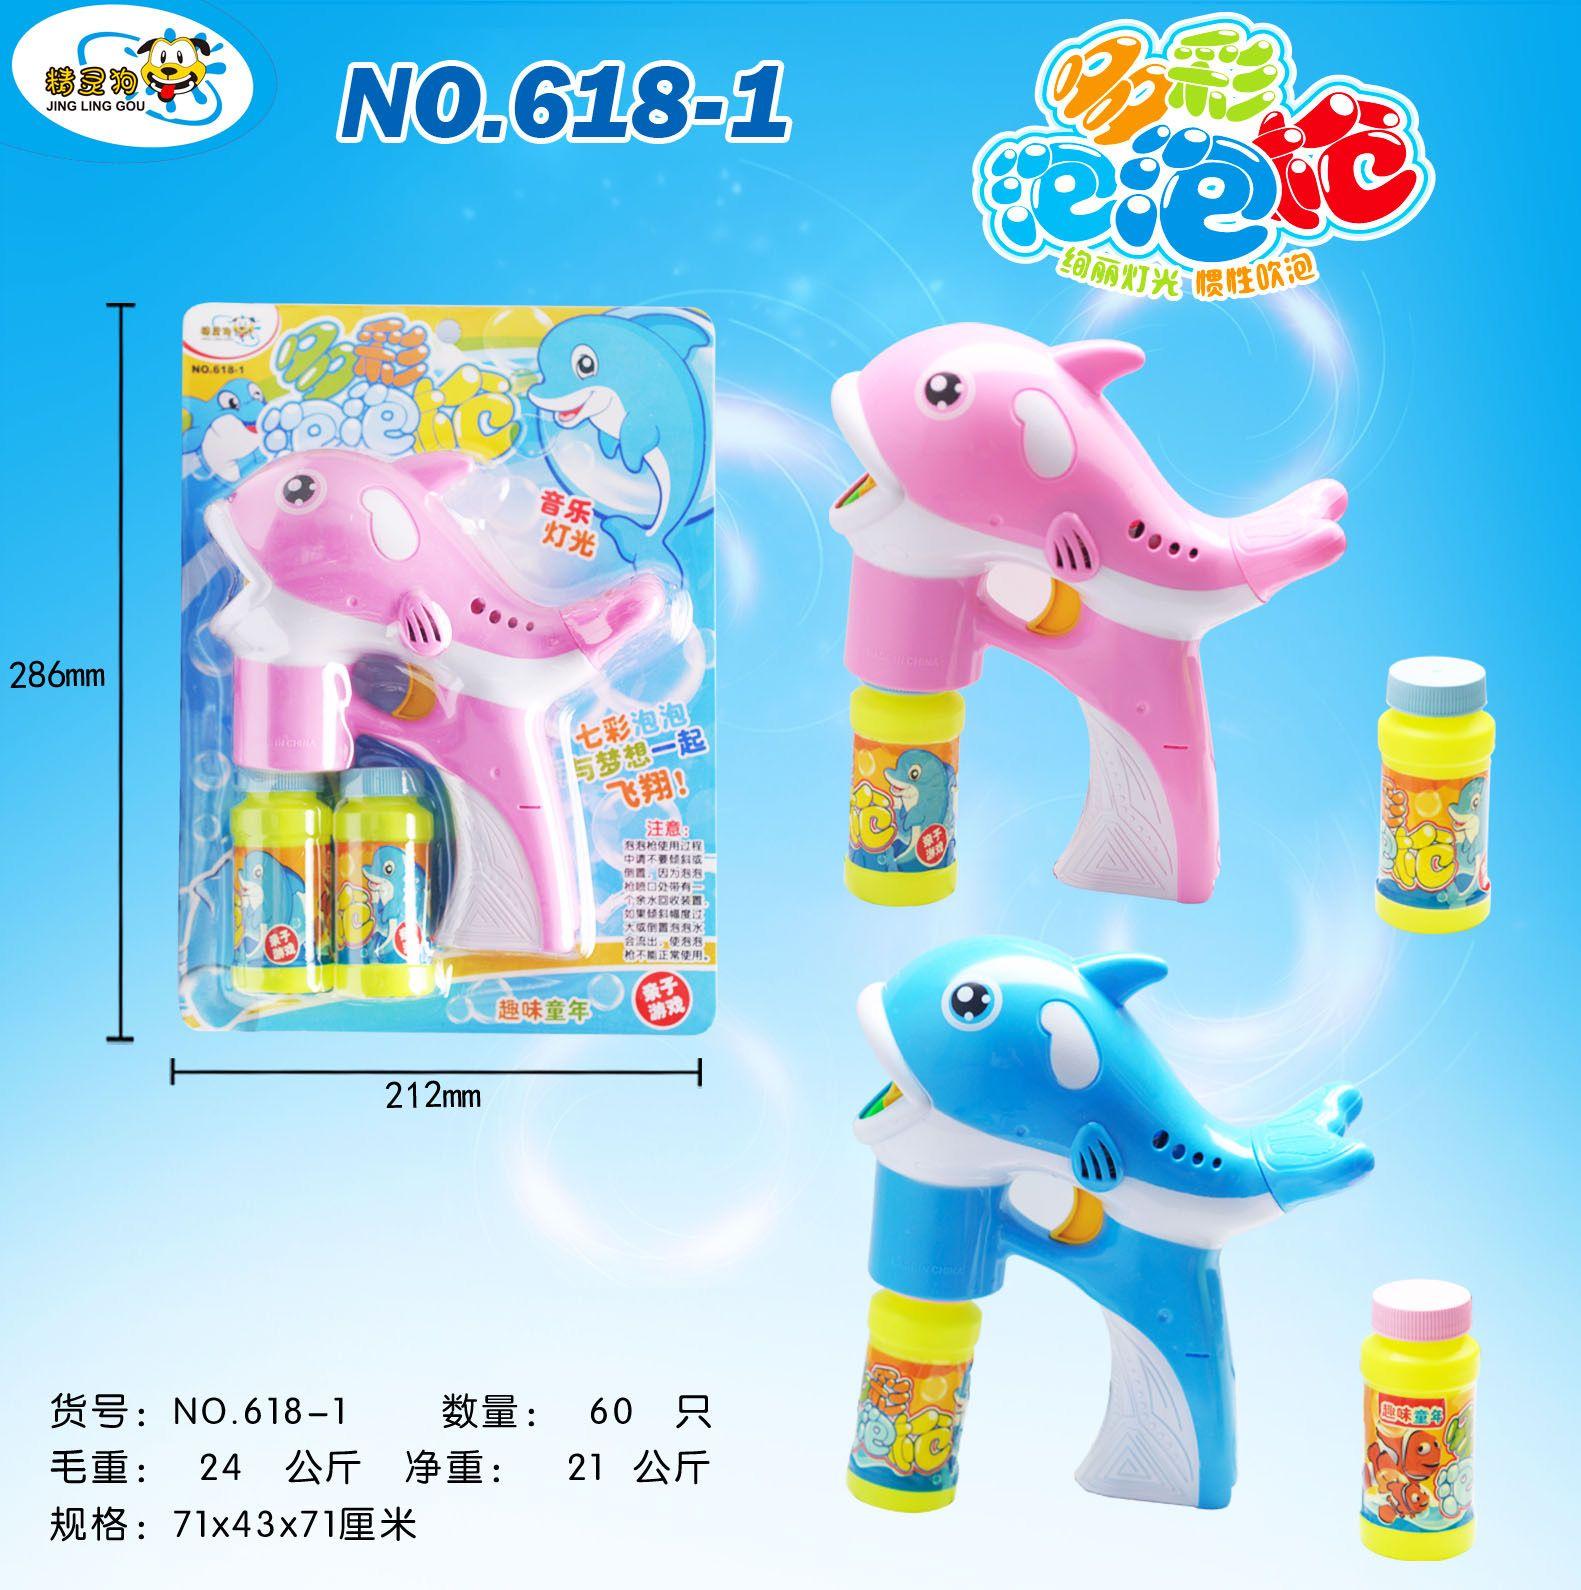 儿童泡泡机全自动海豚泡泡枪电动音乐声光男孩女孩玩具